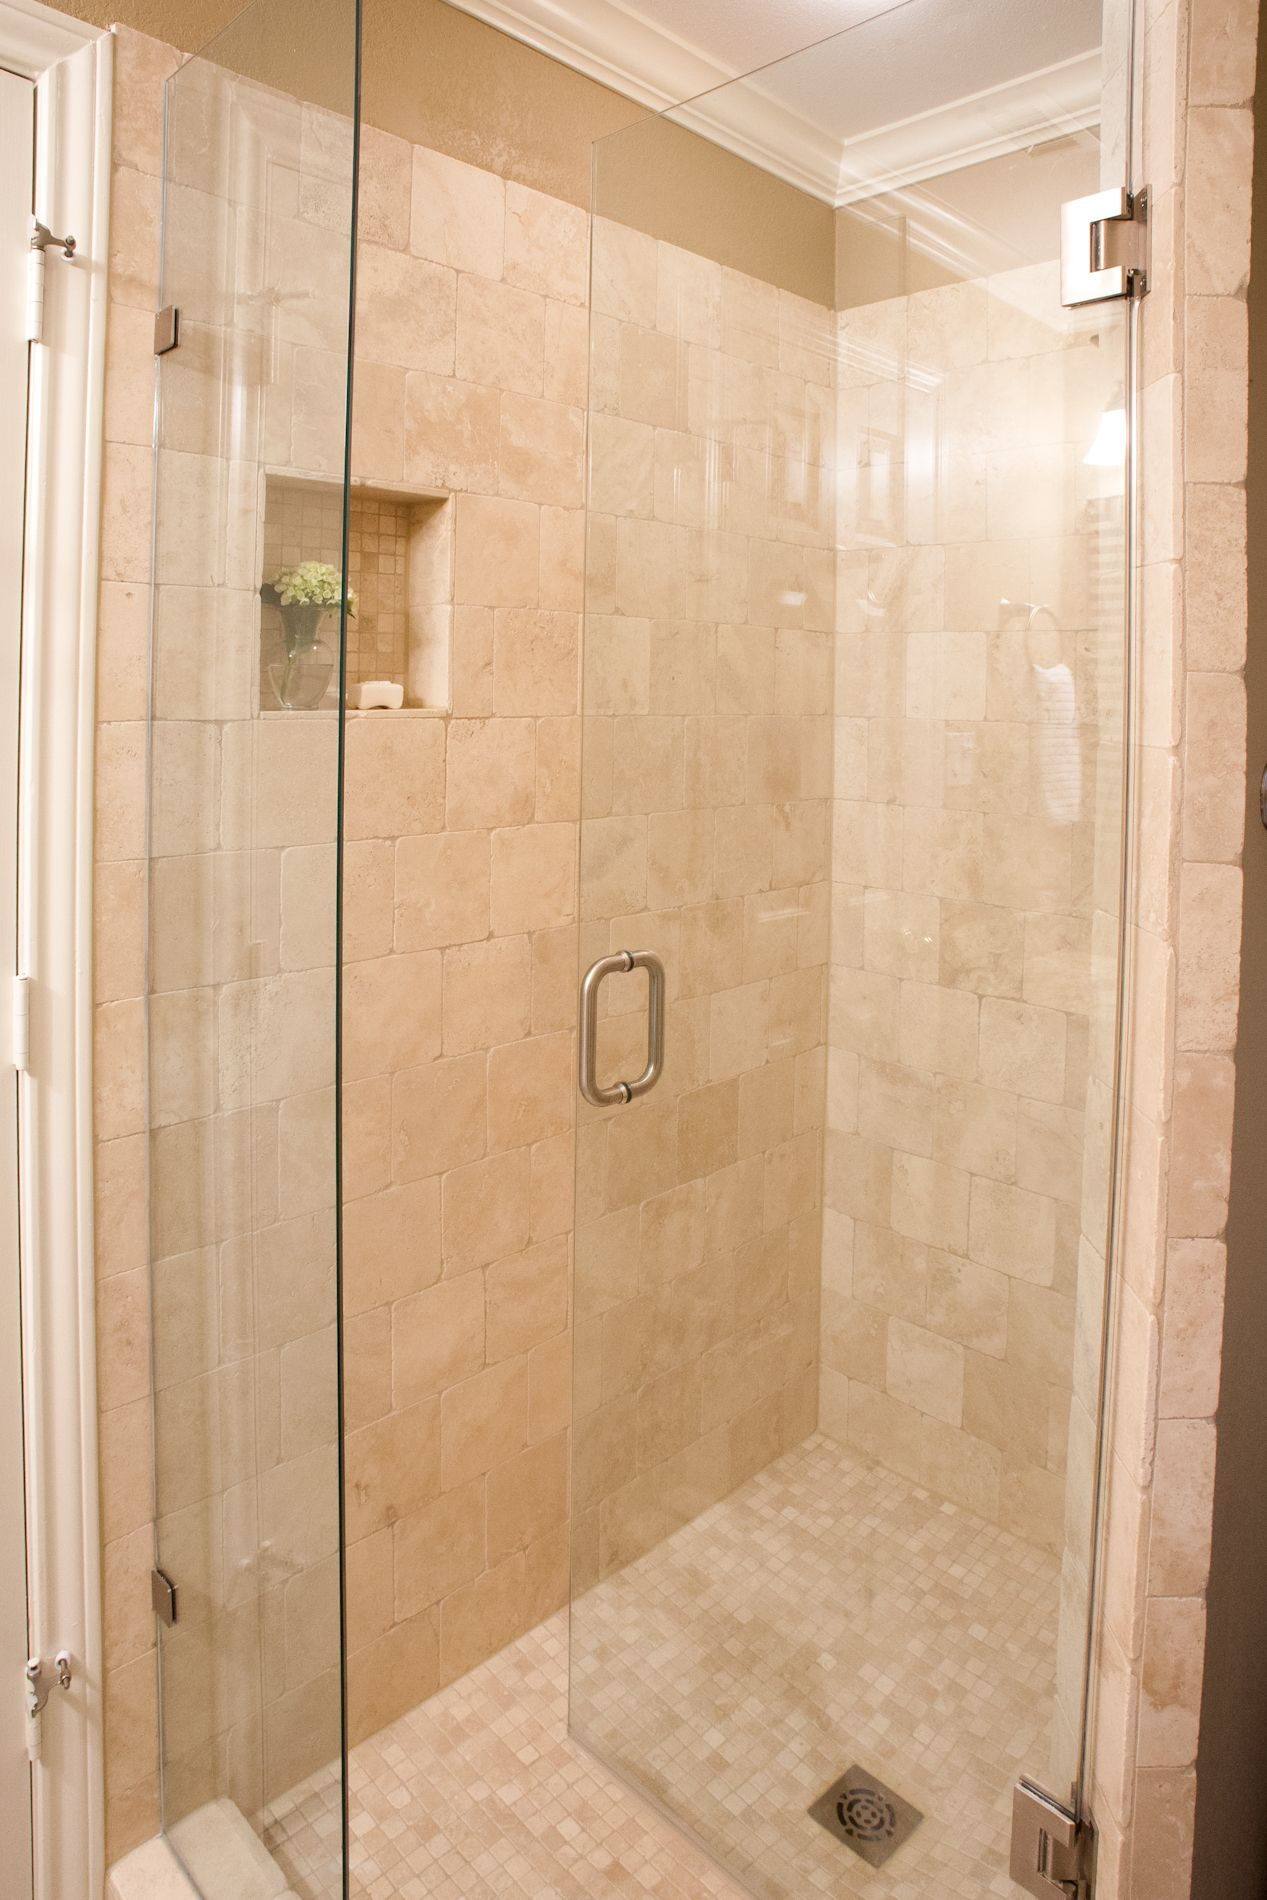 frameless clear glass shower door tumbled travertine tile in rh pinterest com